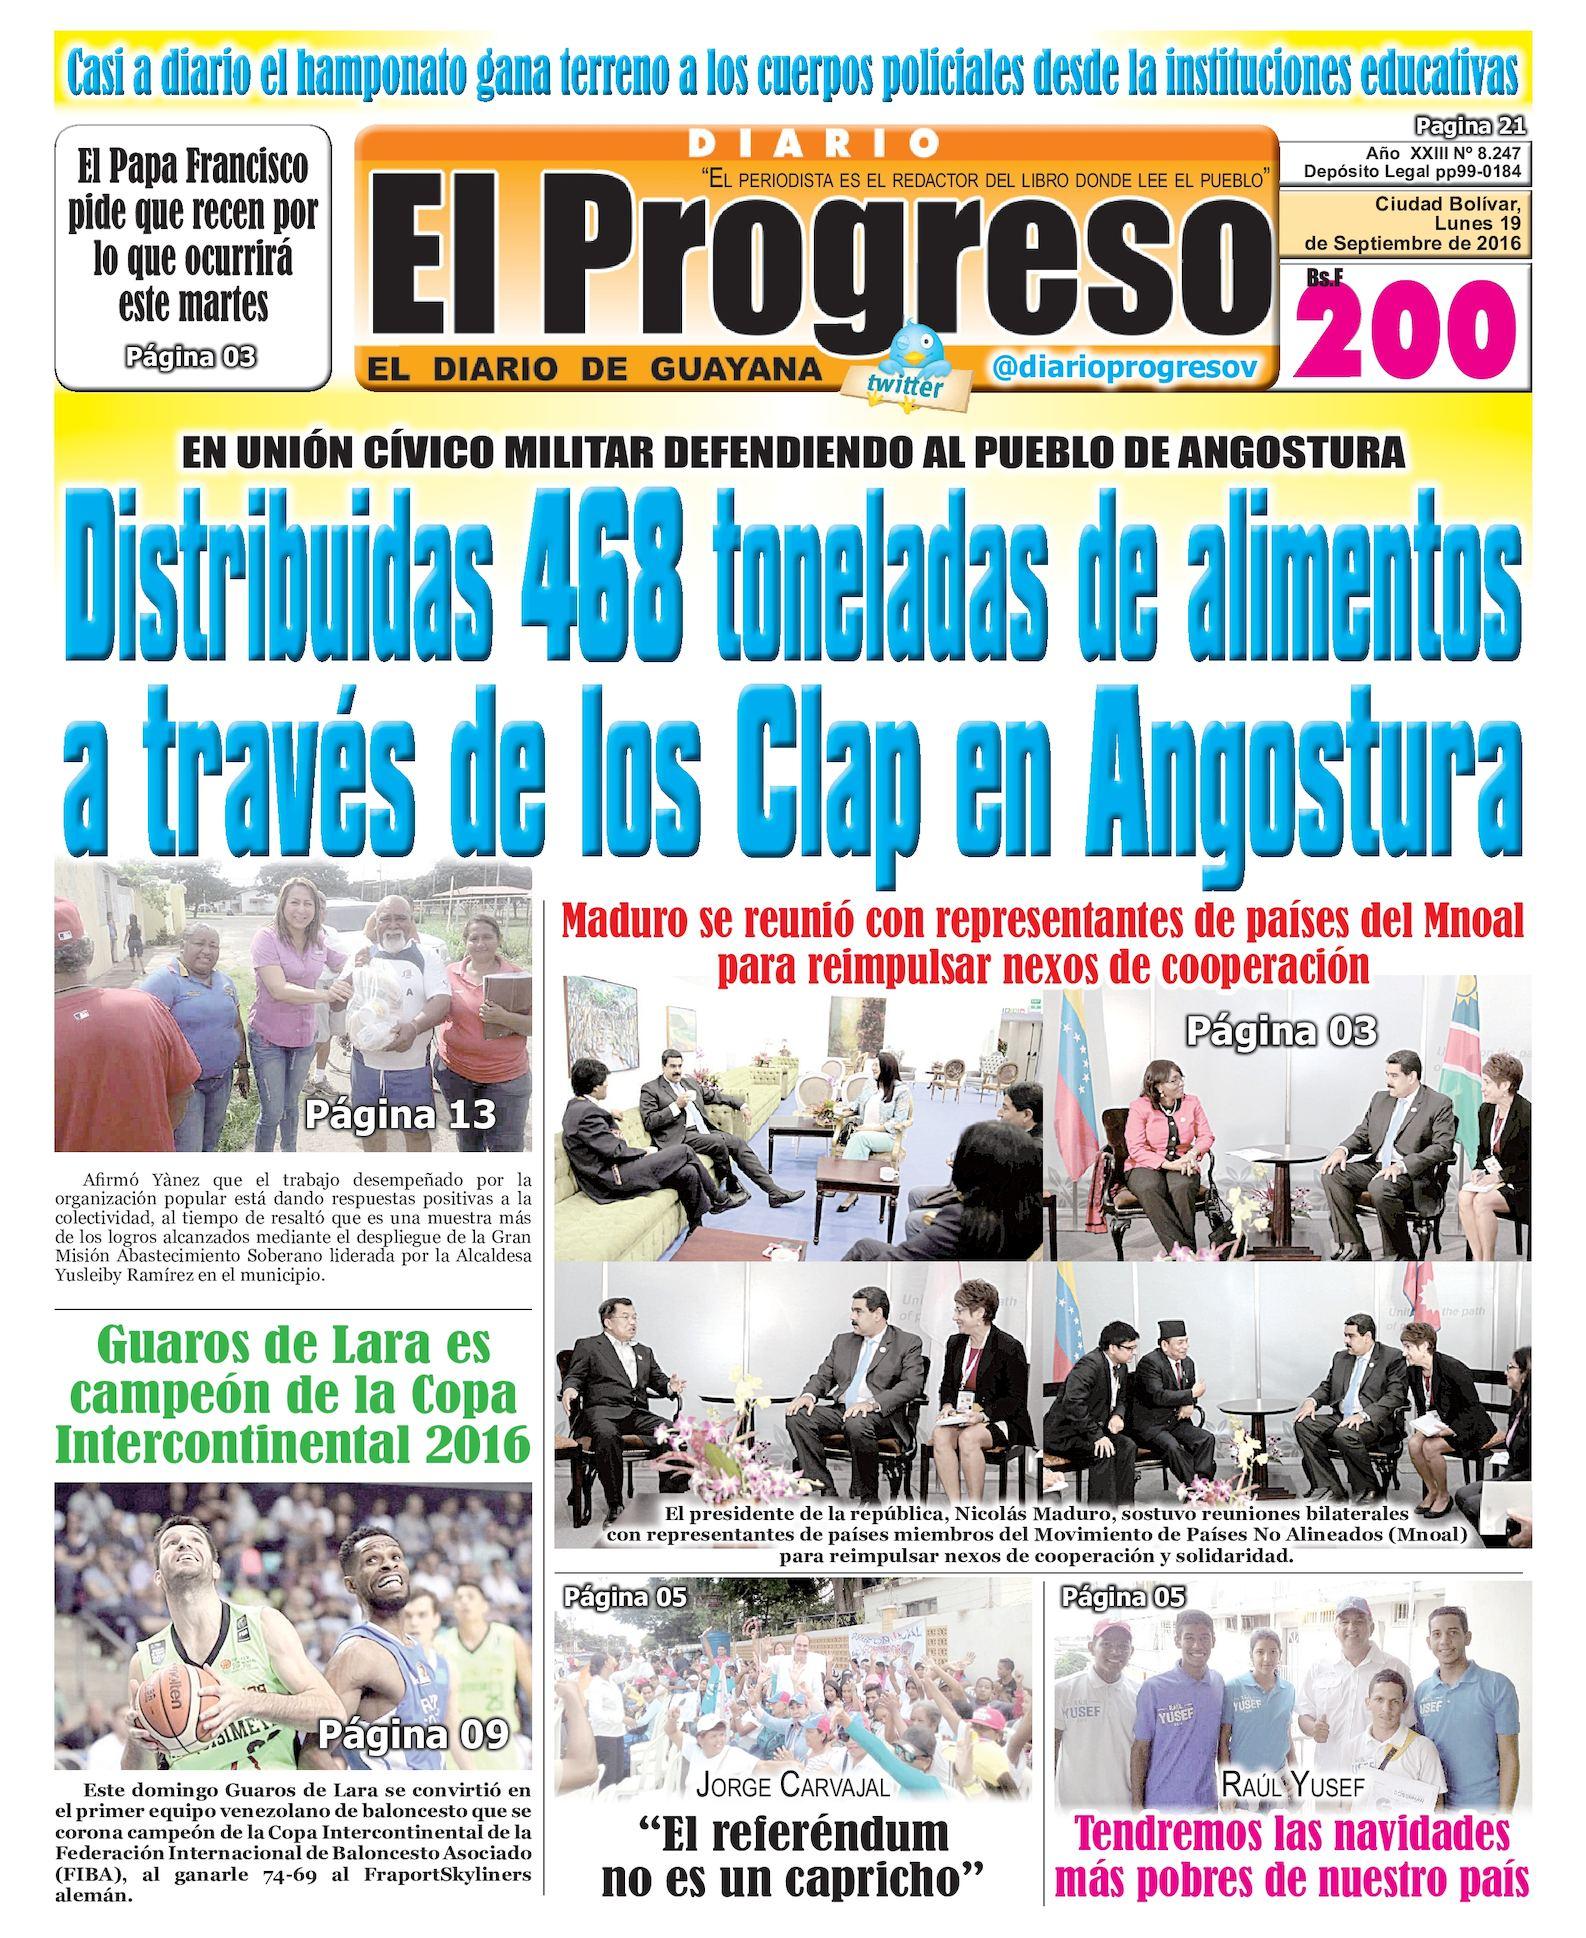 Calaméo - Diarioelprogreso2016 09 19